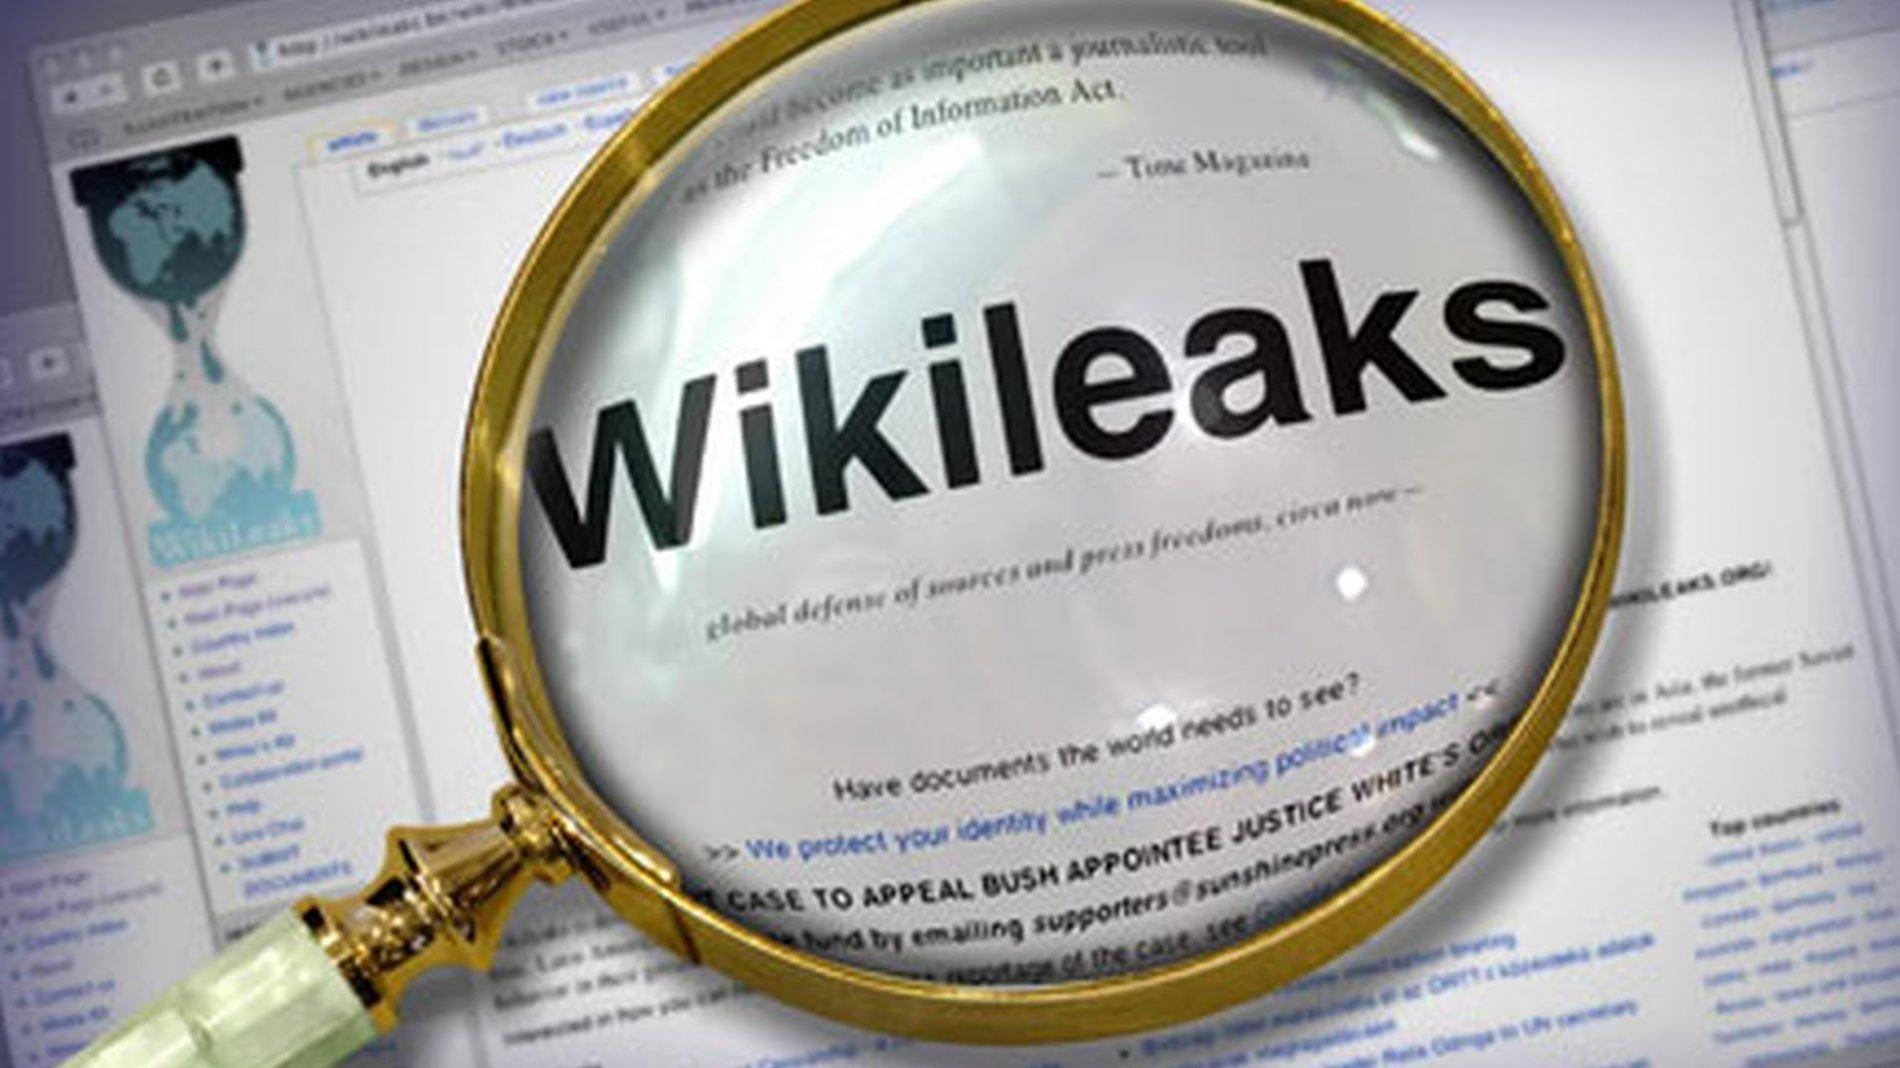 WikiLeaks проинформировал осекретных документах ЦРУ санализом хакерских атак